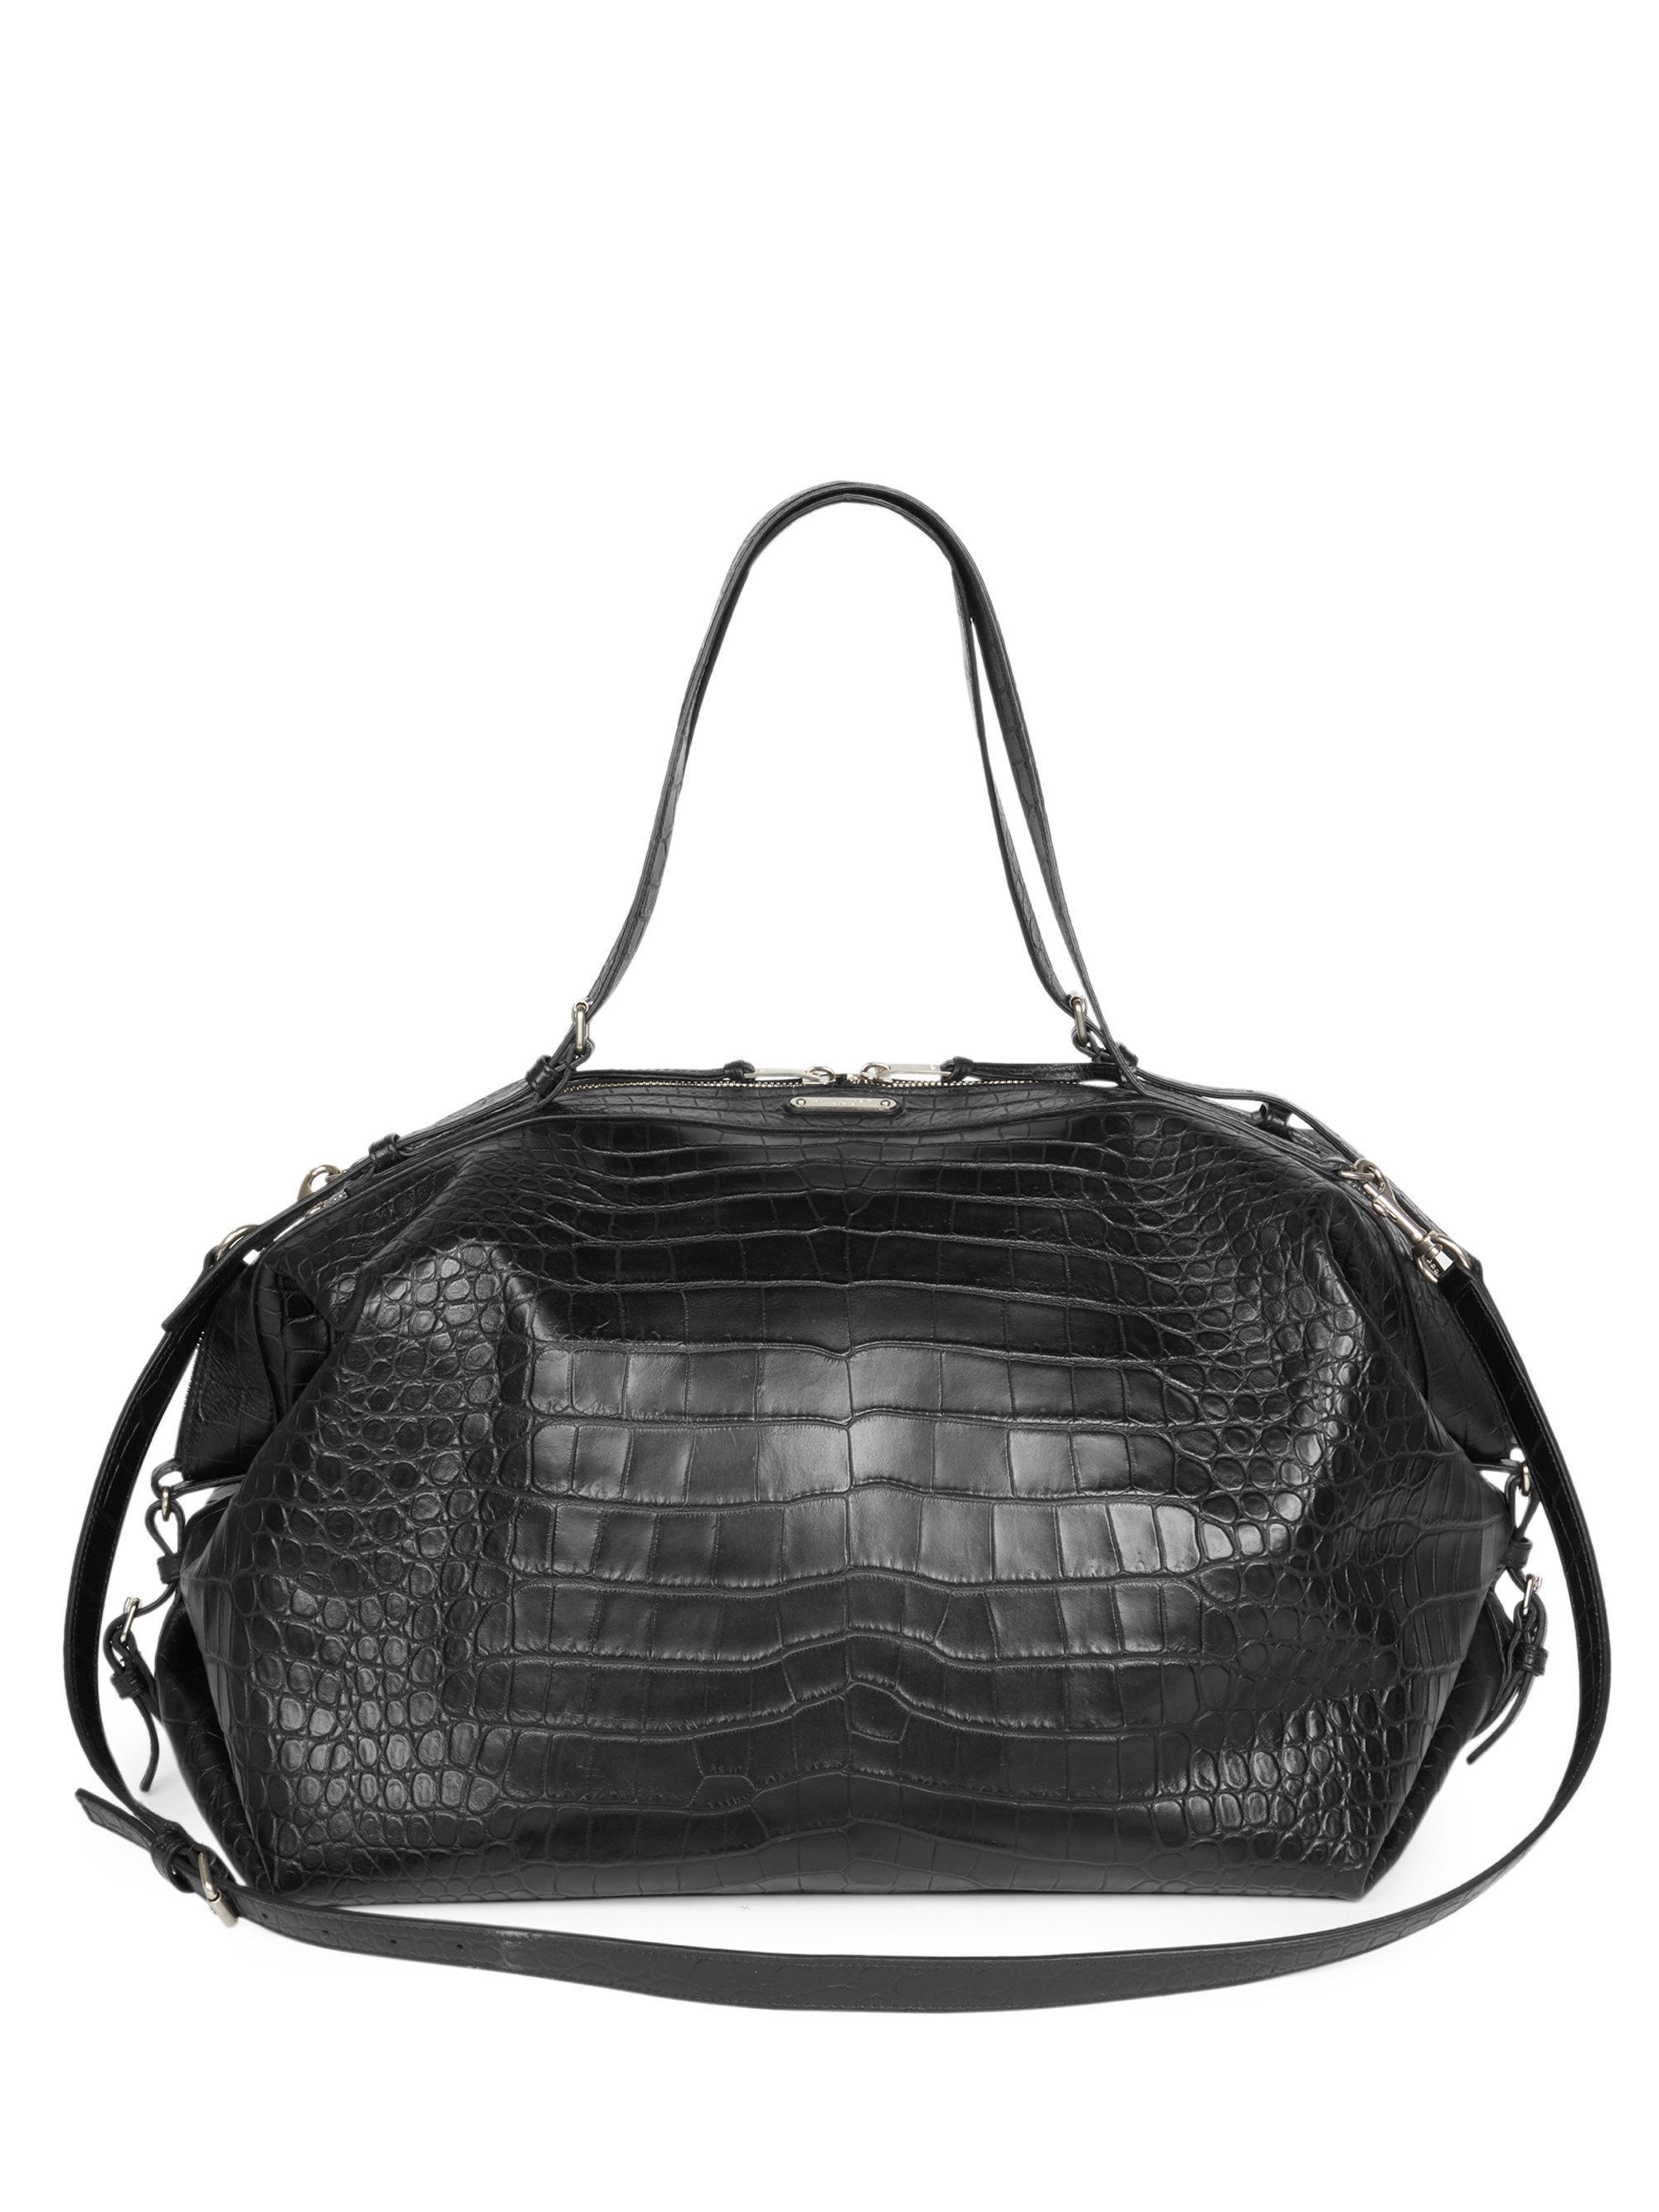 66677af5f22f Saint Laurent Crocodile Embossed Leather Duffel Bag in Black for Men ...